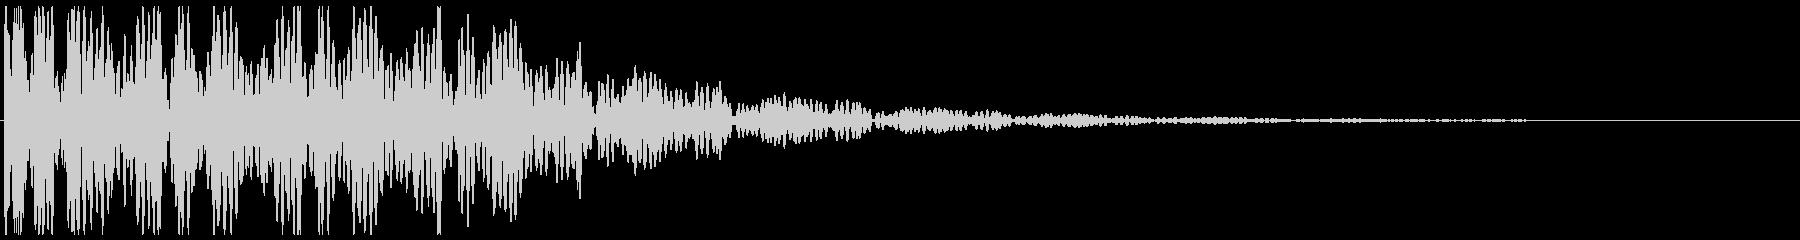 ドゥドゥ…映画の予告など(インパクト音)の未再生の波形